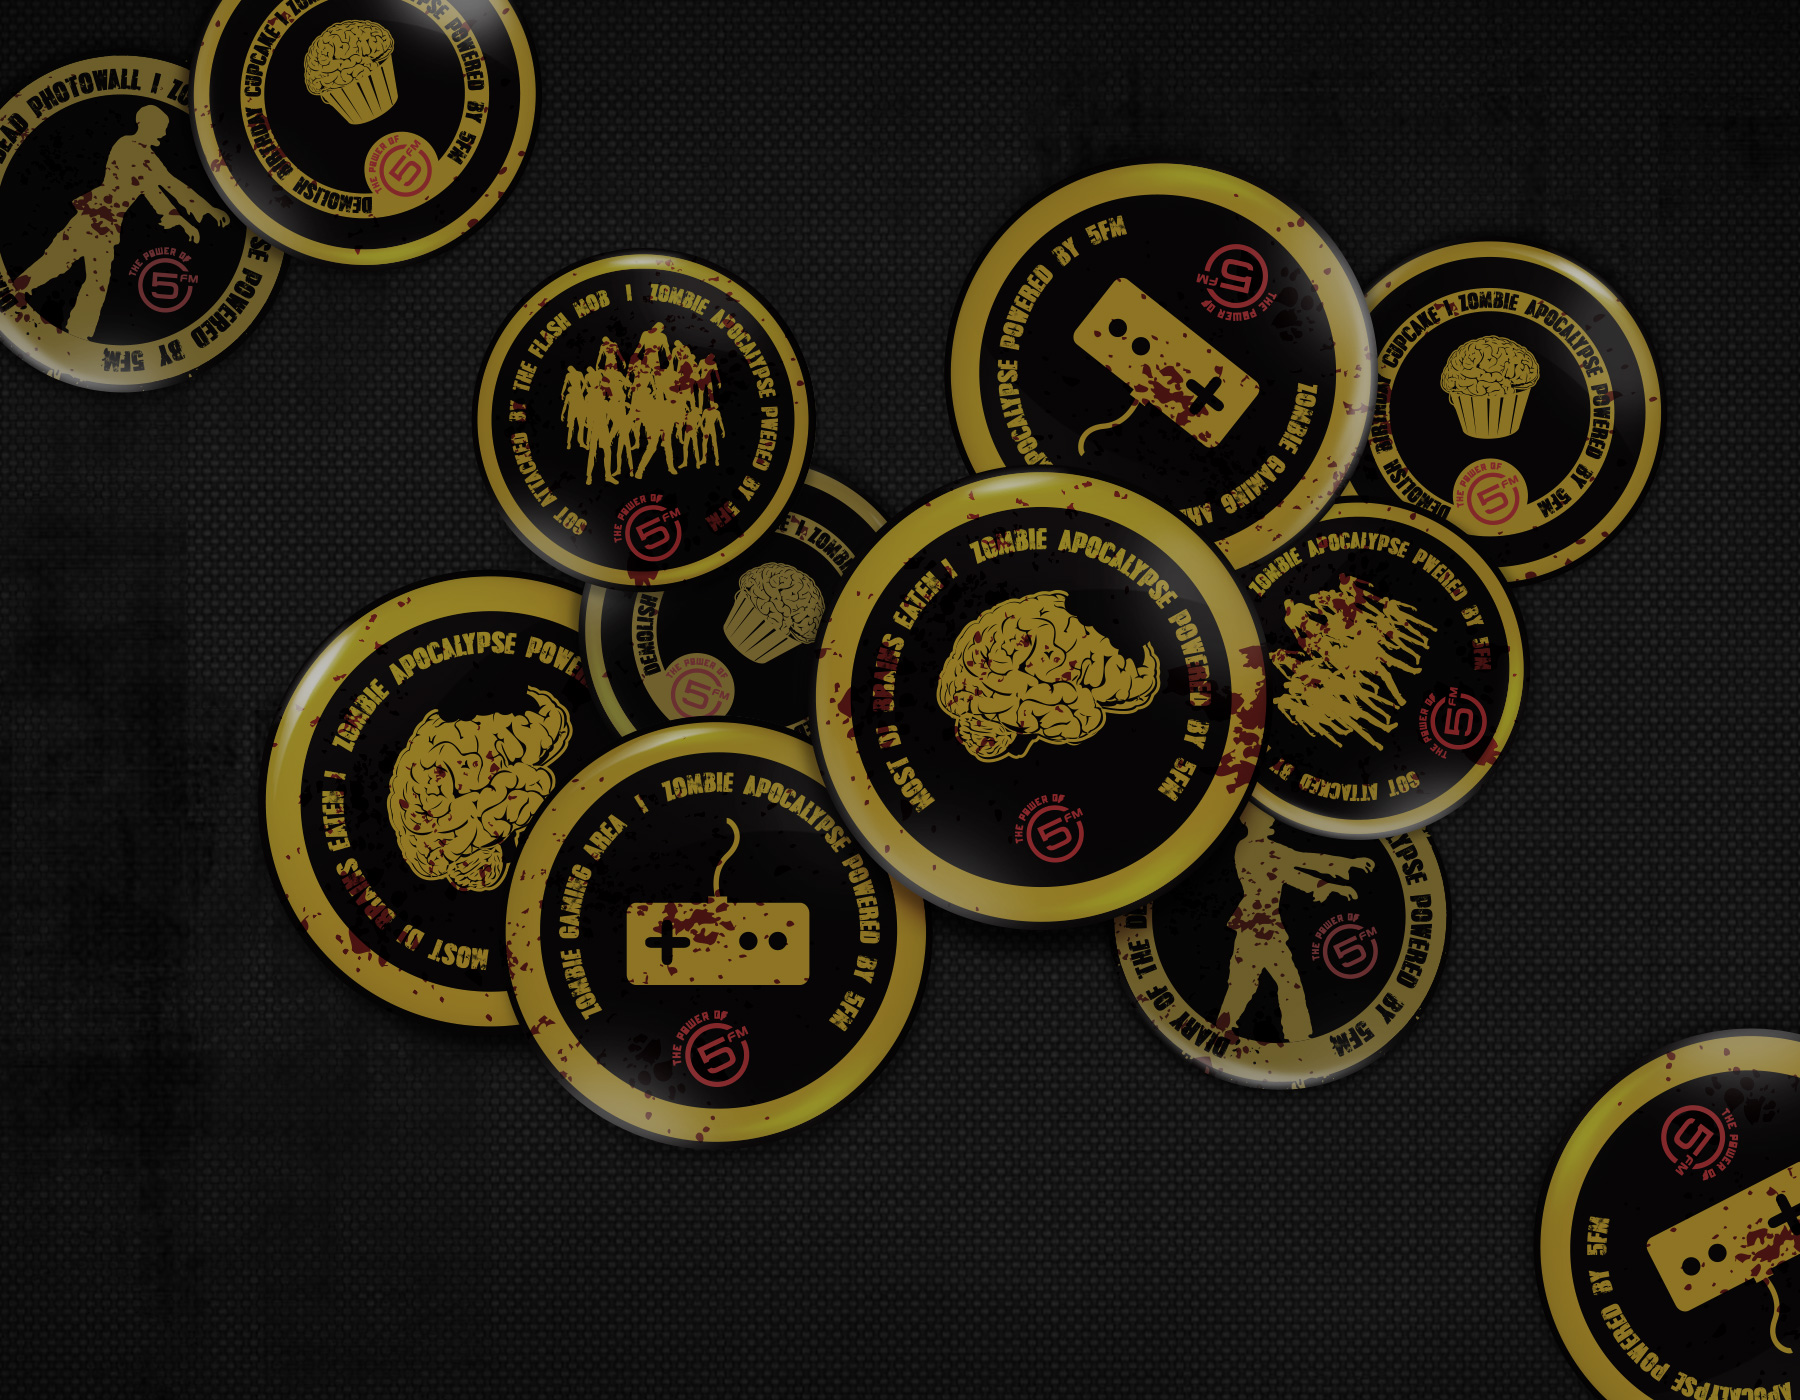 5fm_zombie-apocolypse_button-badges